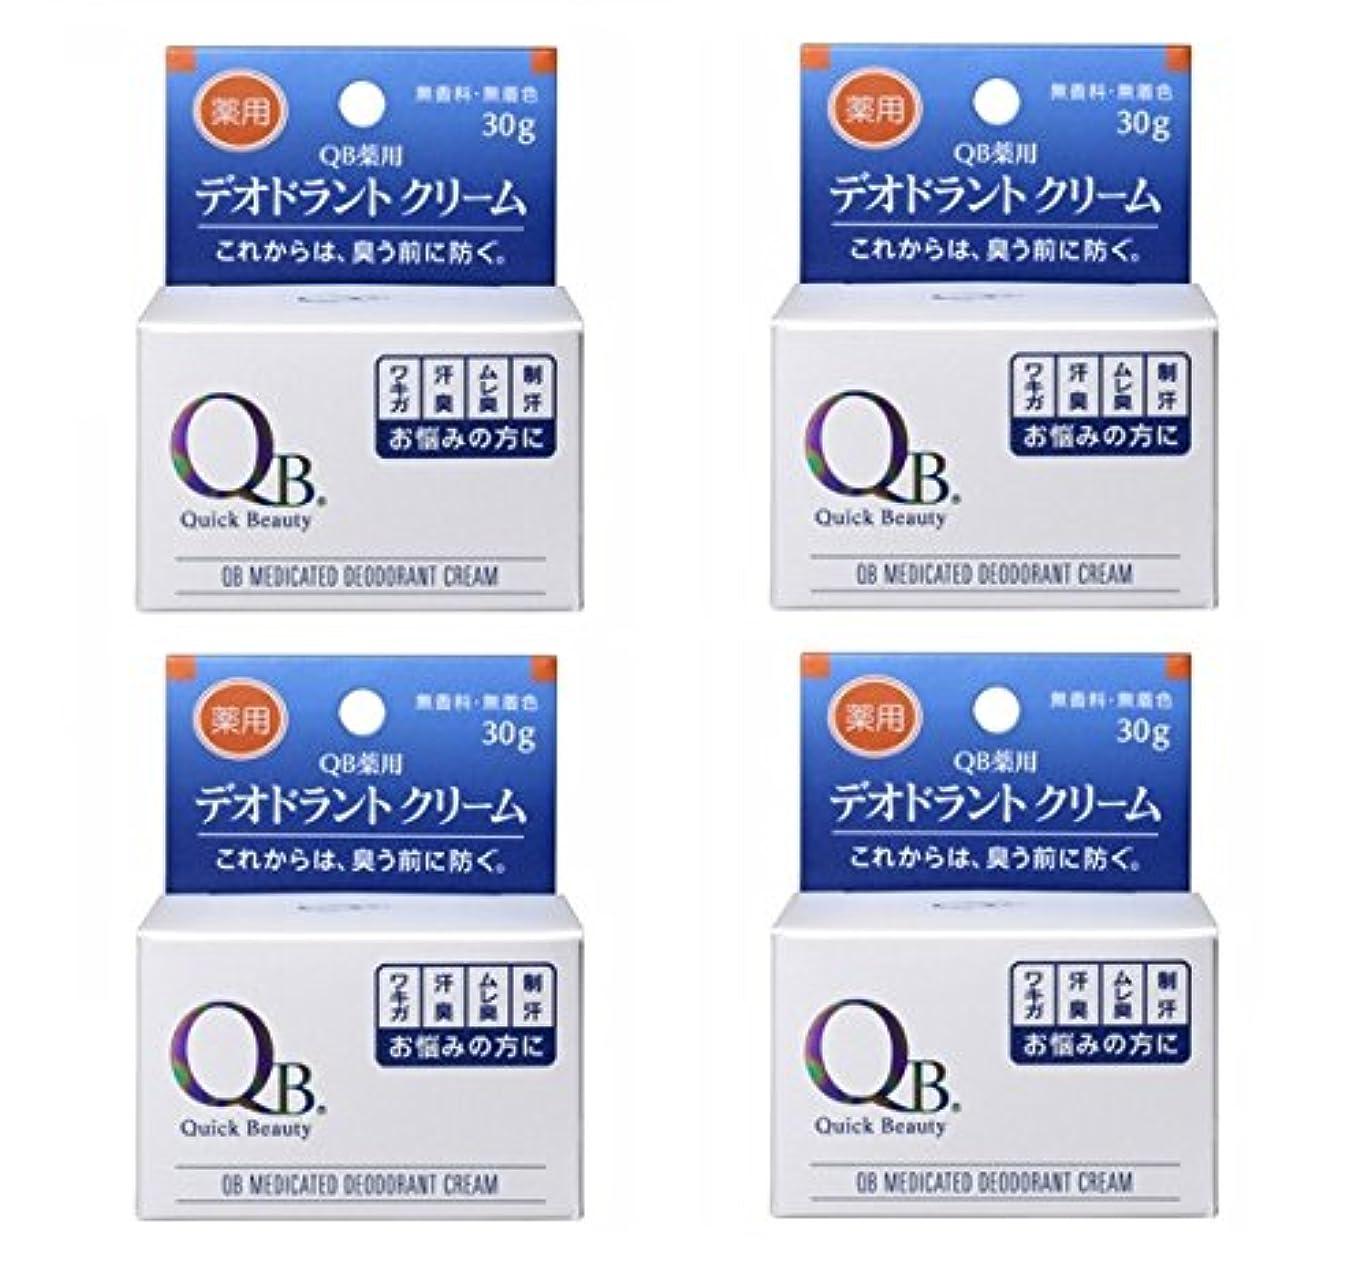 爆発するやむを得ない雑草【×4個】 QB 薬用デオドラントクリーム 30g 【国内正規品】